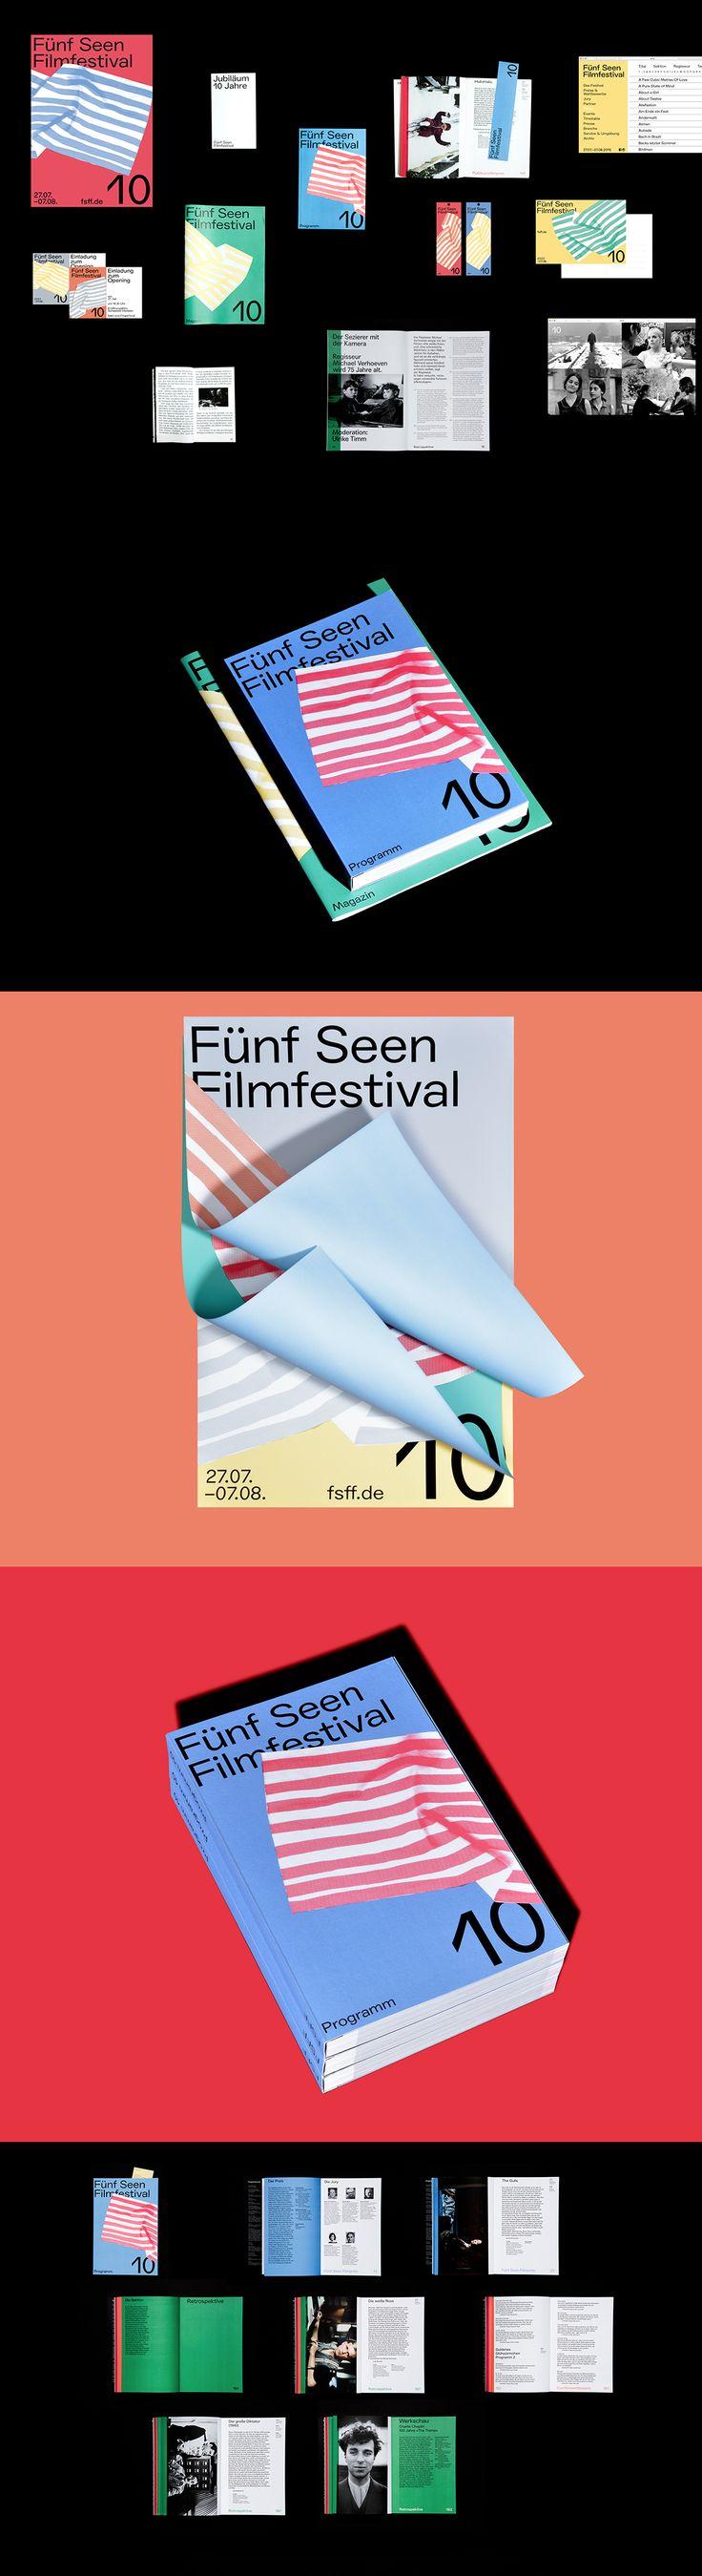 https://www.behance.net/gallery/34848543/Fuenf-Seen-Filmfestival-Cultural-Identity